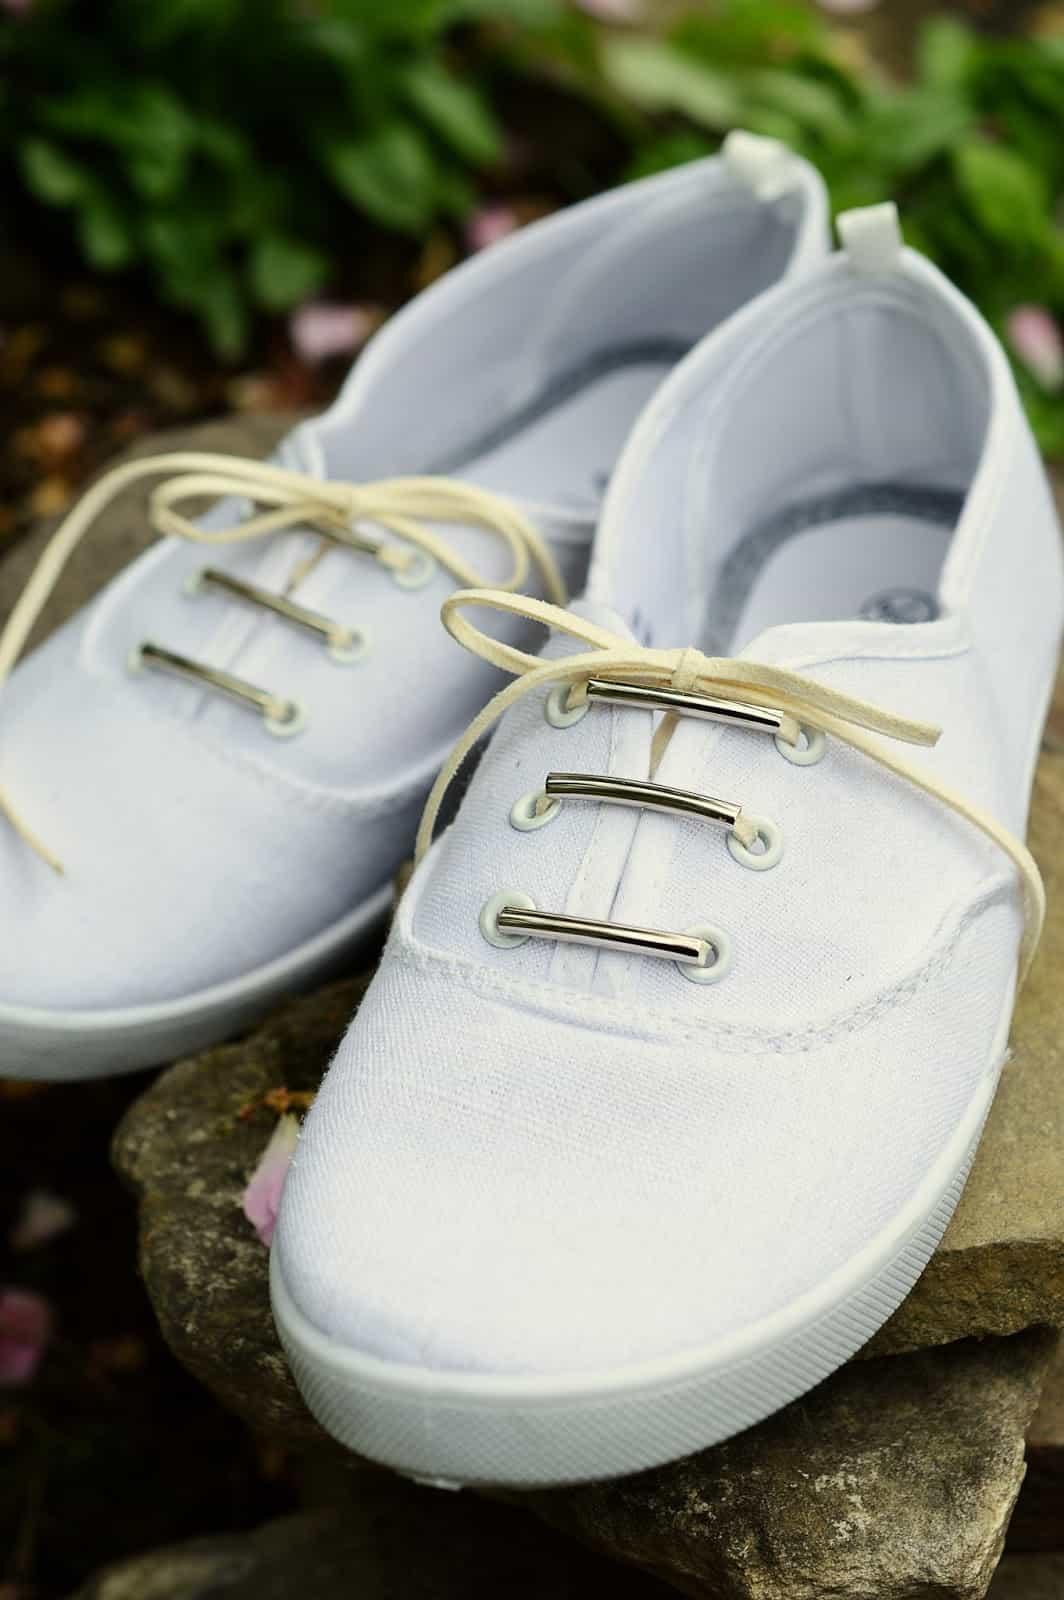 Skinny beaded shoelaces